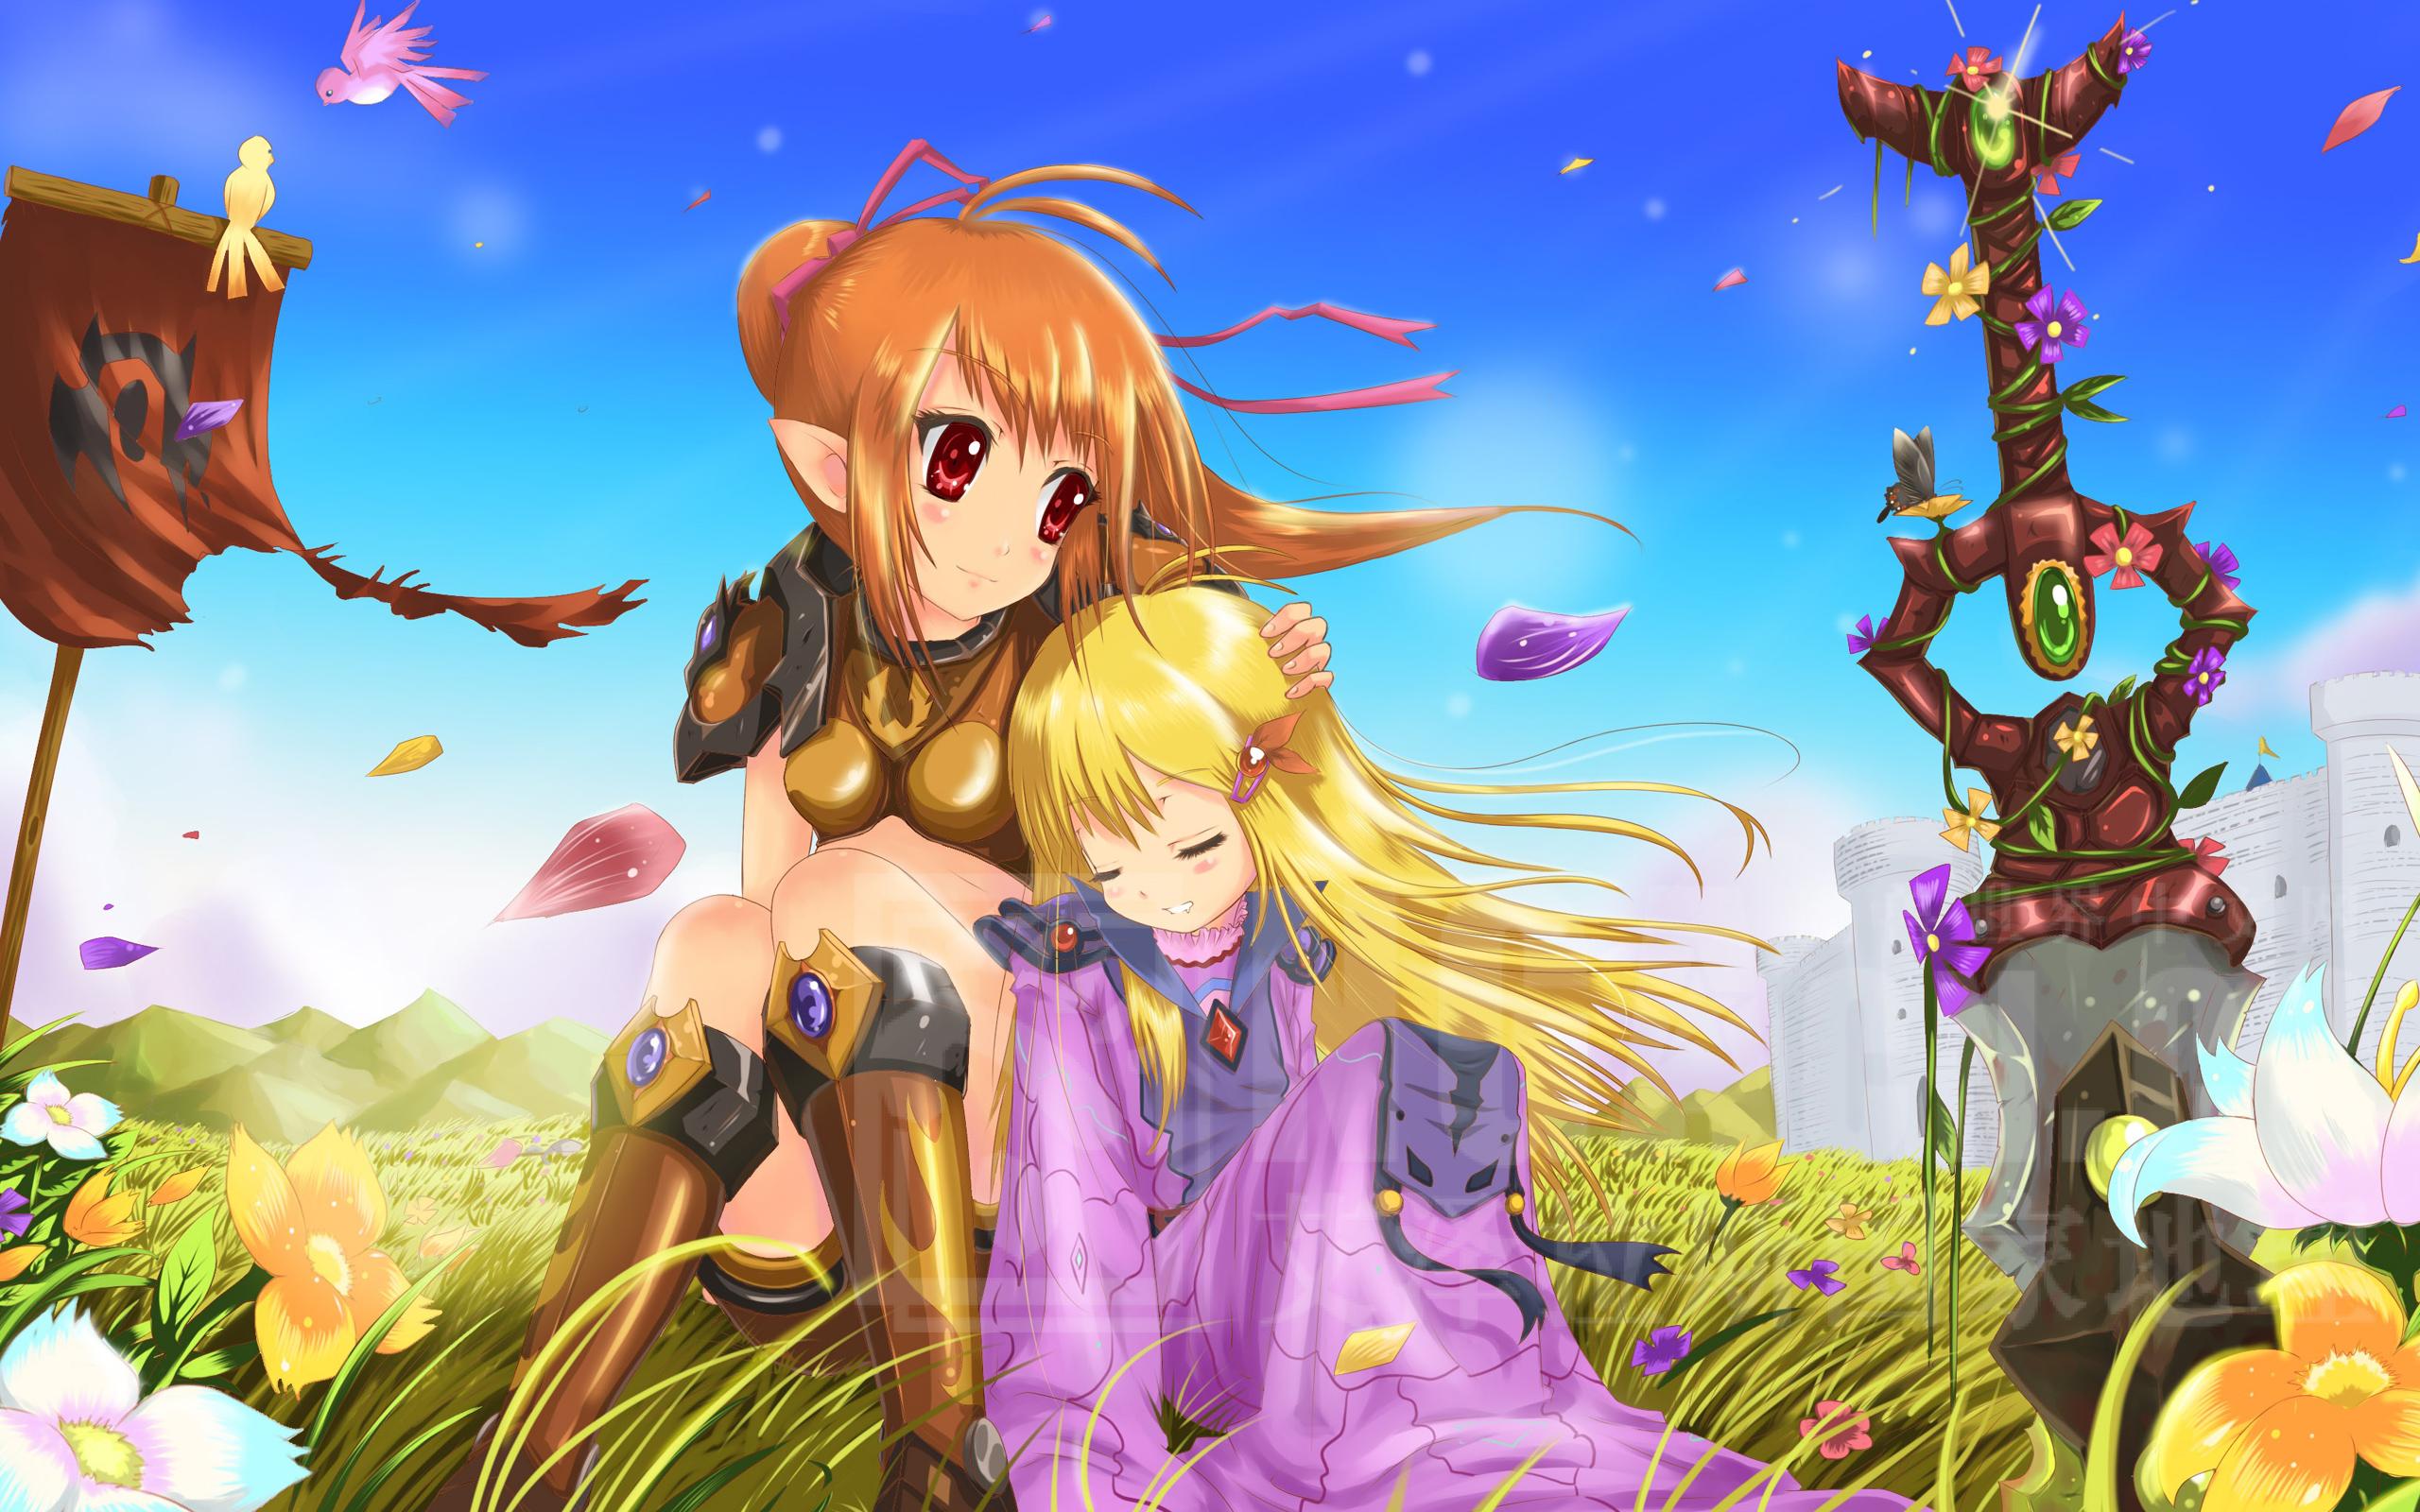 Wallpaper 4k Anime Girls Anime Girls Knute